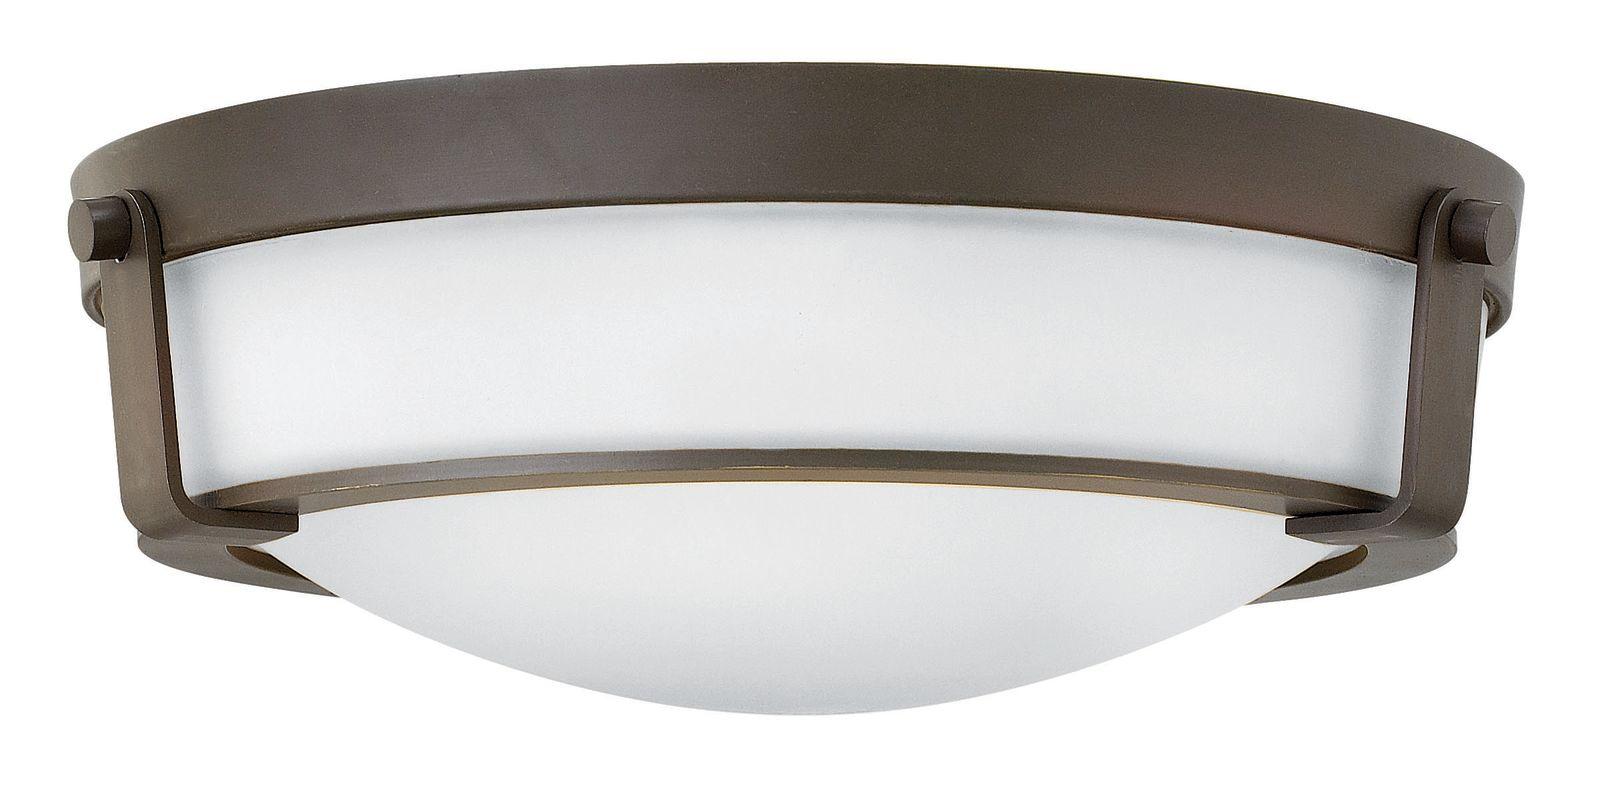 Hinkley Lighting 3225 3 Light Flush Mount Ceiling Fixture from the Sale $279.00 ITEM#: 2635211 MODEL# :3225OB-WH UPC#: 640665322590 :